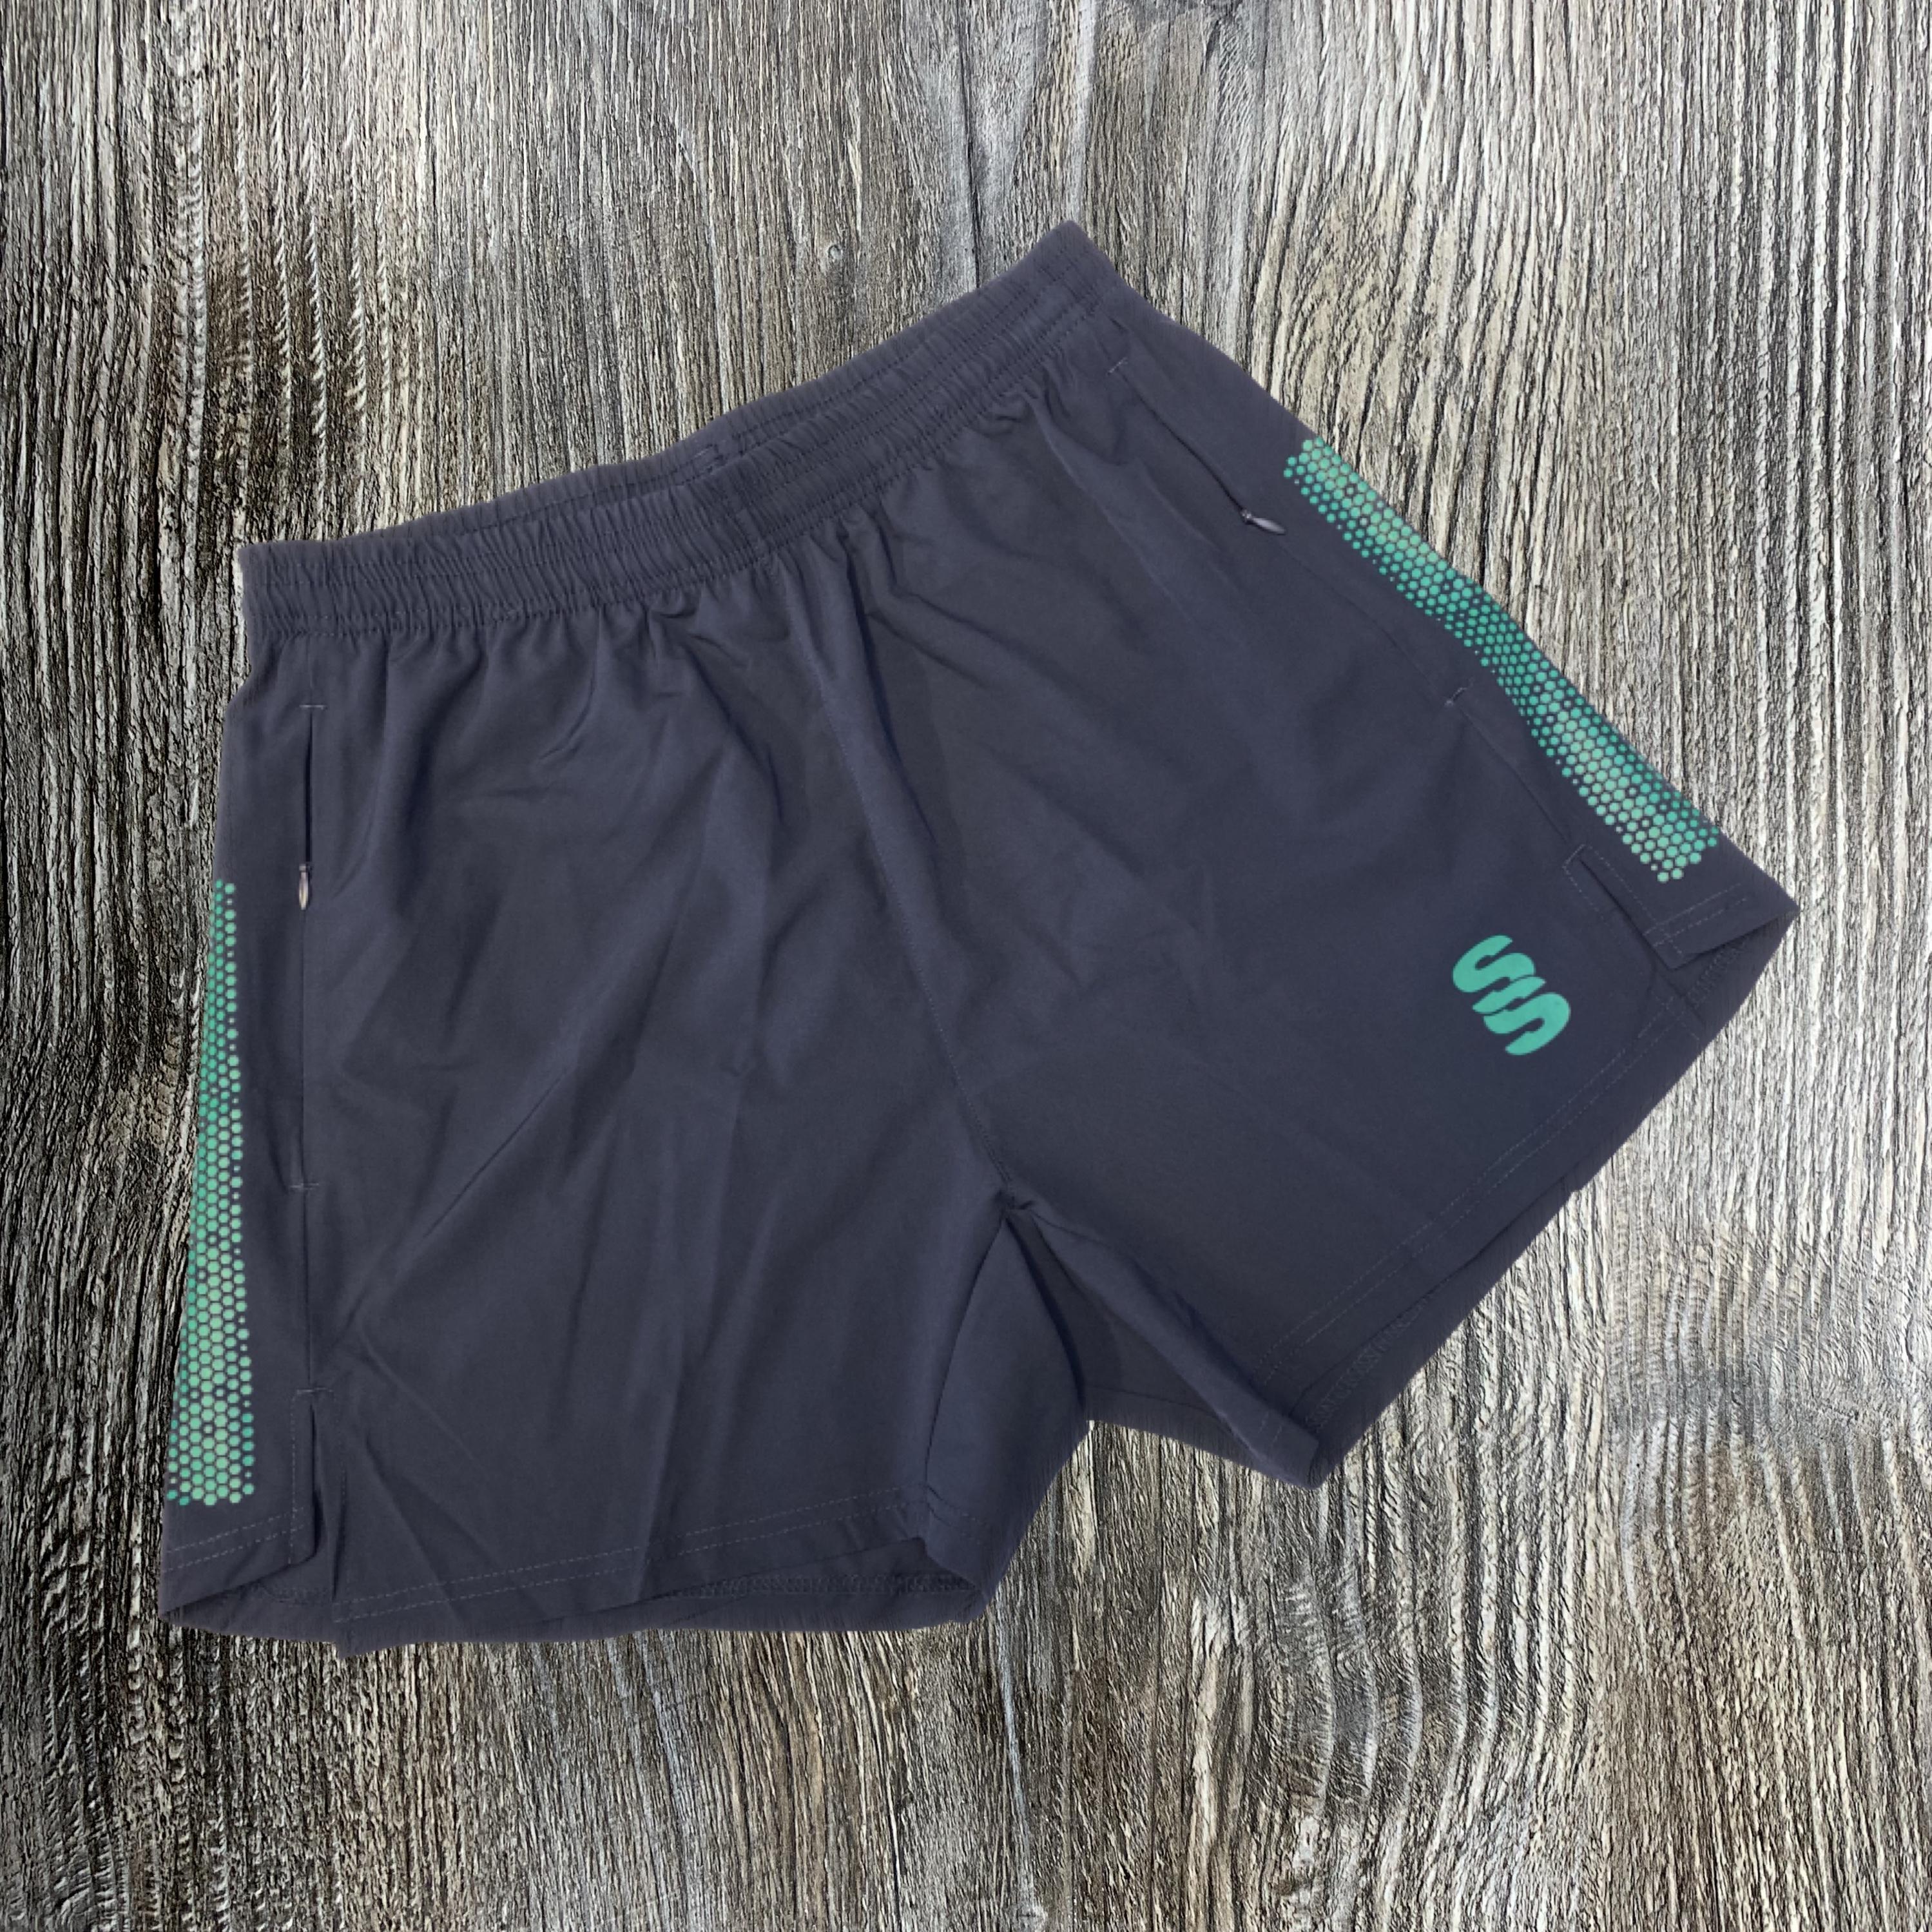 Bowland GCSE PE Shorts